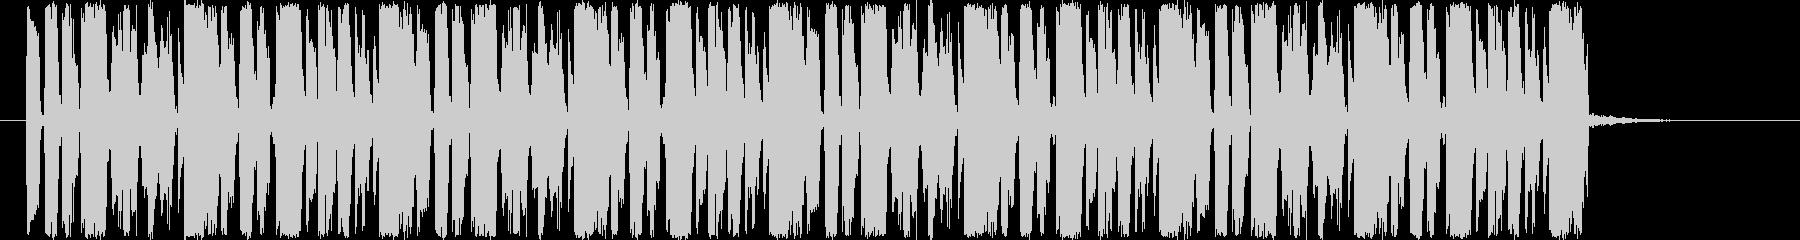 ループ素材です。ドラムンベースとなって…の未再生の波形